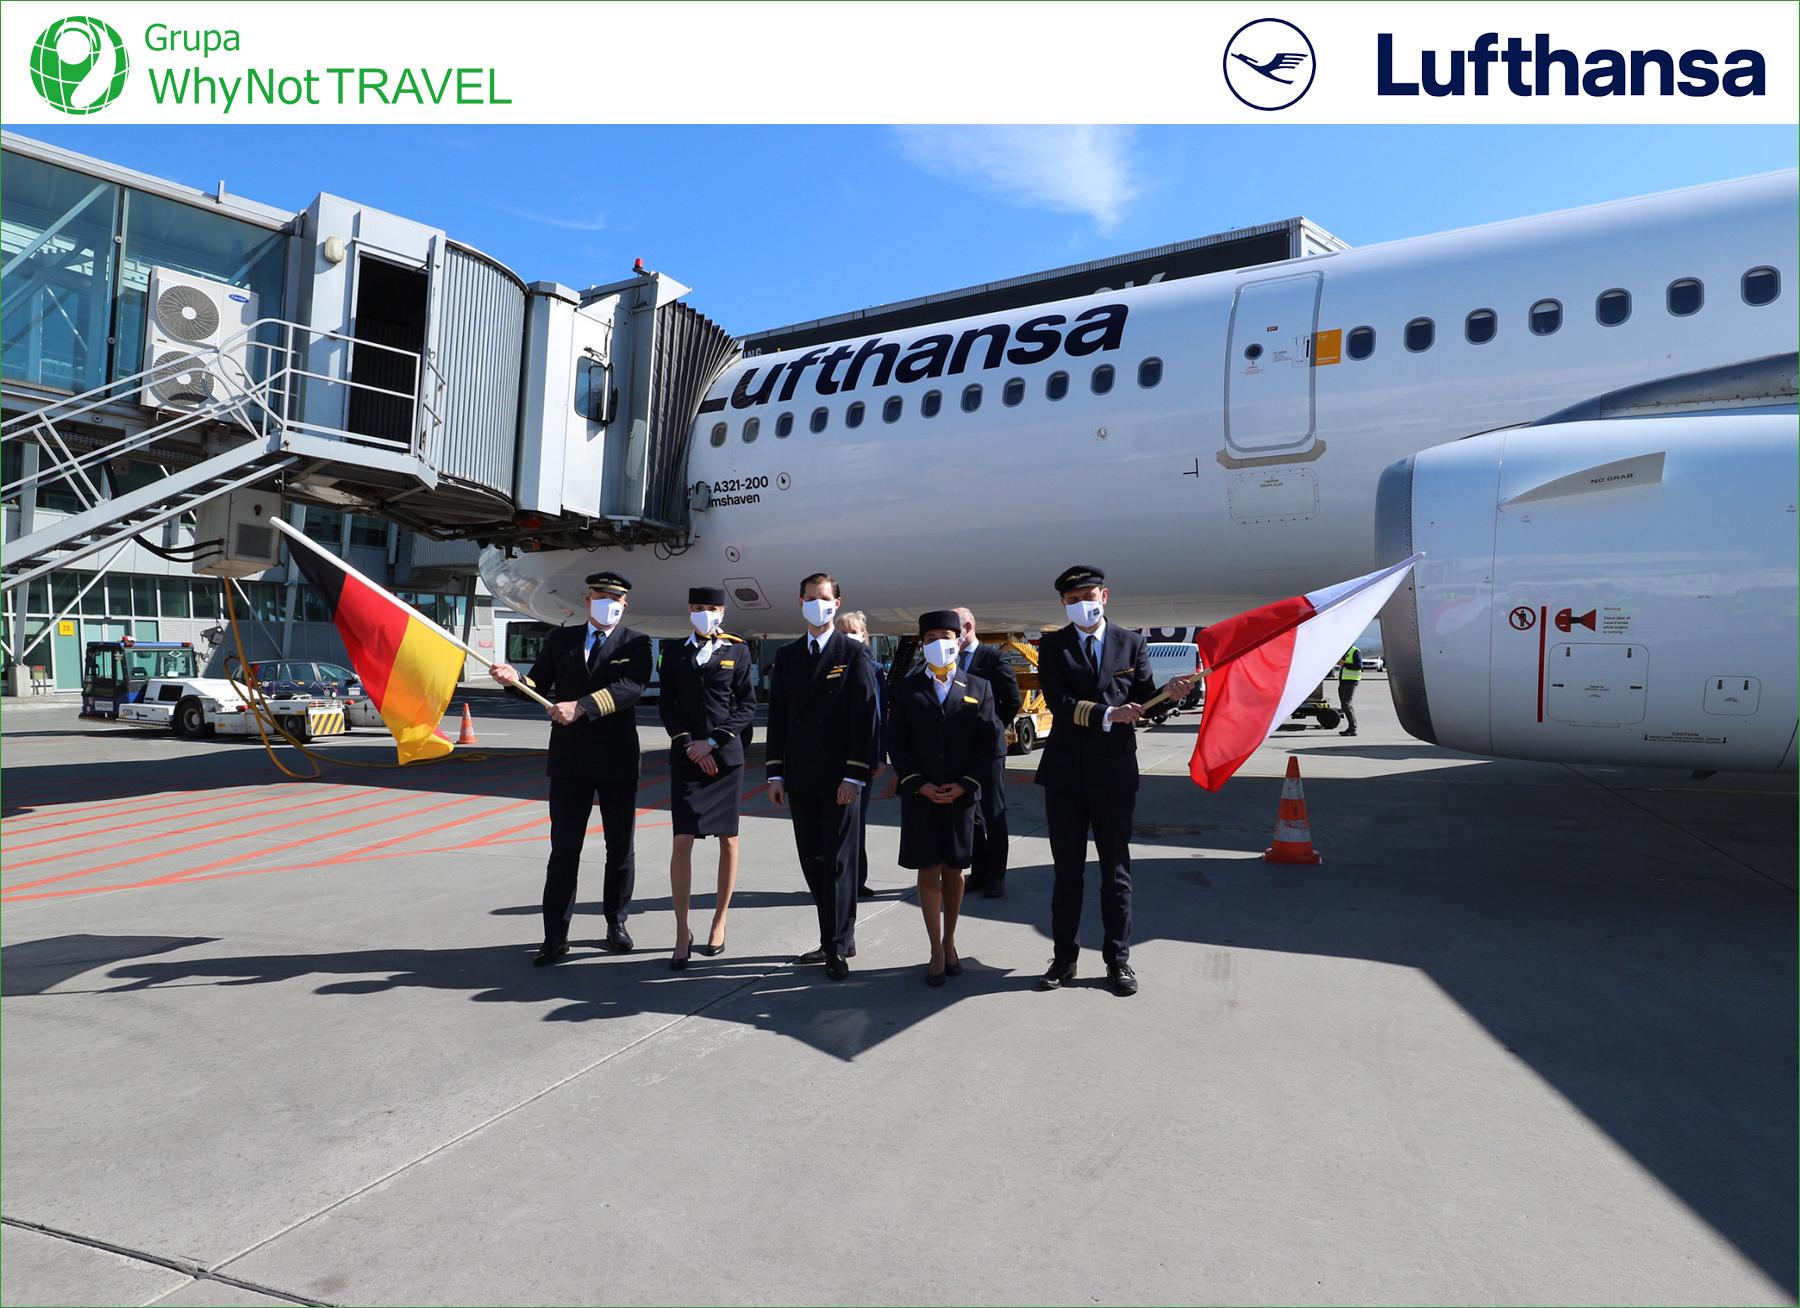 Lufthansa-świętuje-50.-rocznicę-uruchomienia-połączeń-do-Polski (zdjęcie 1)